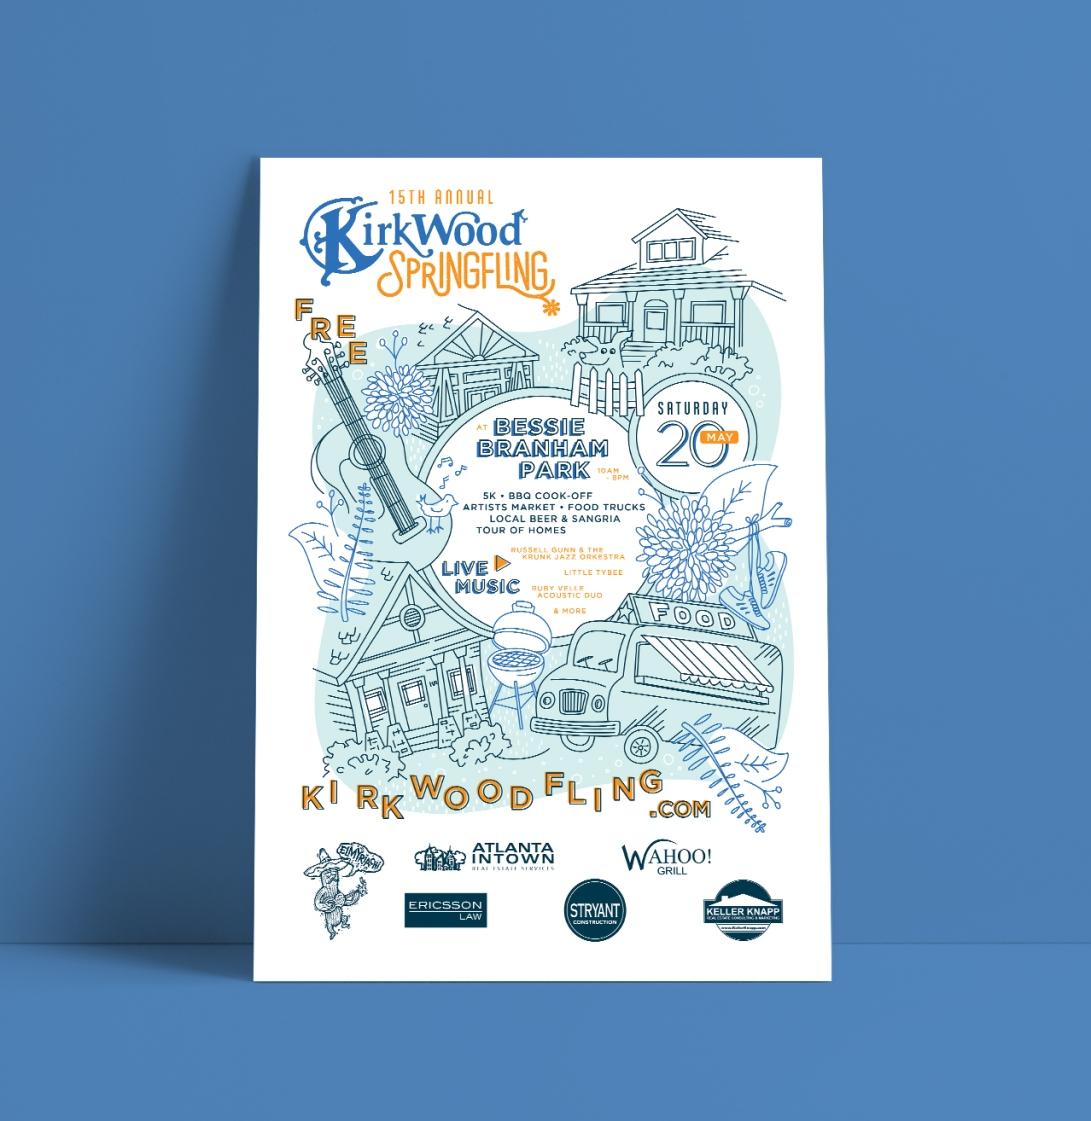 Kirkwood Spring Fling Poster Mockup